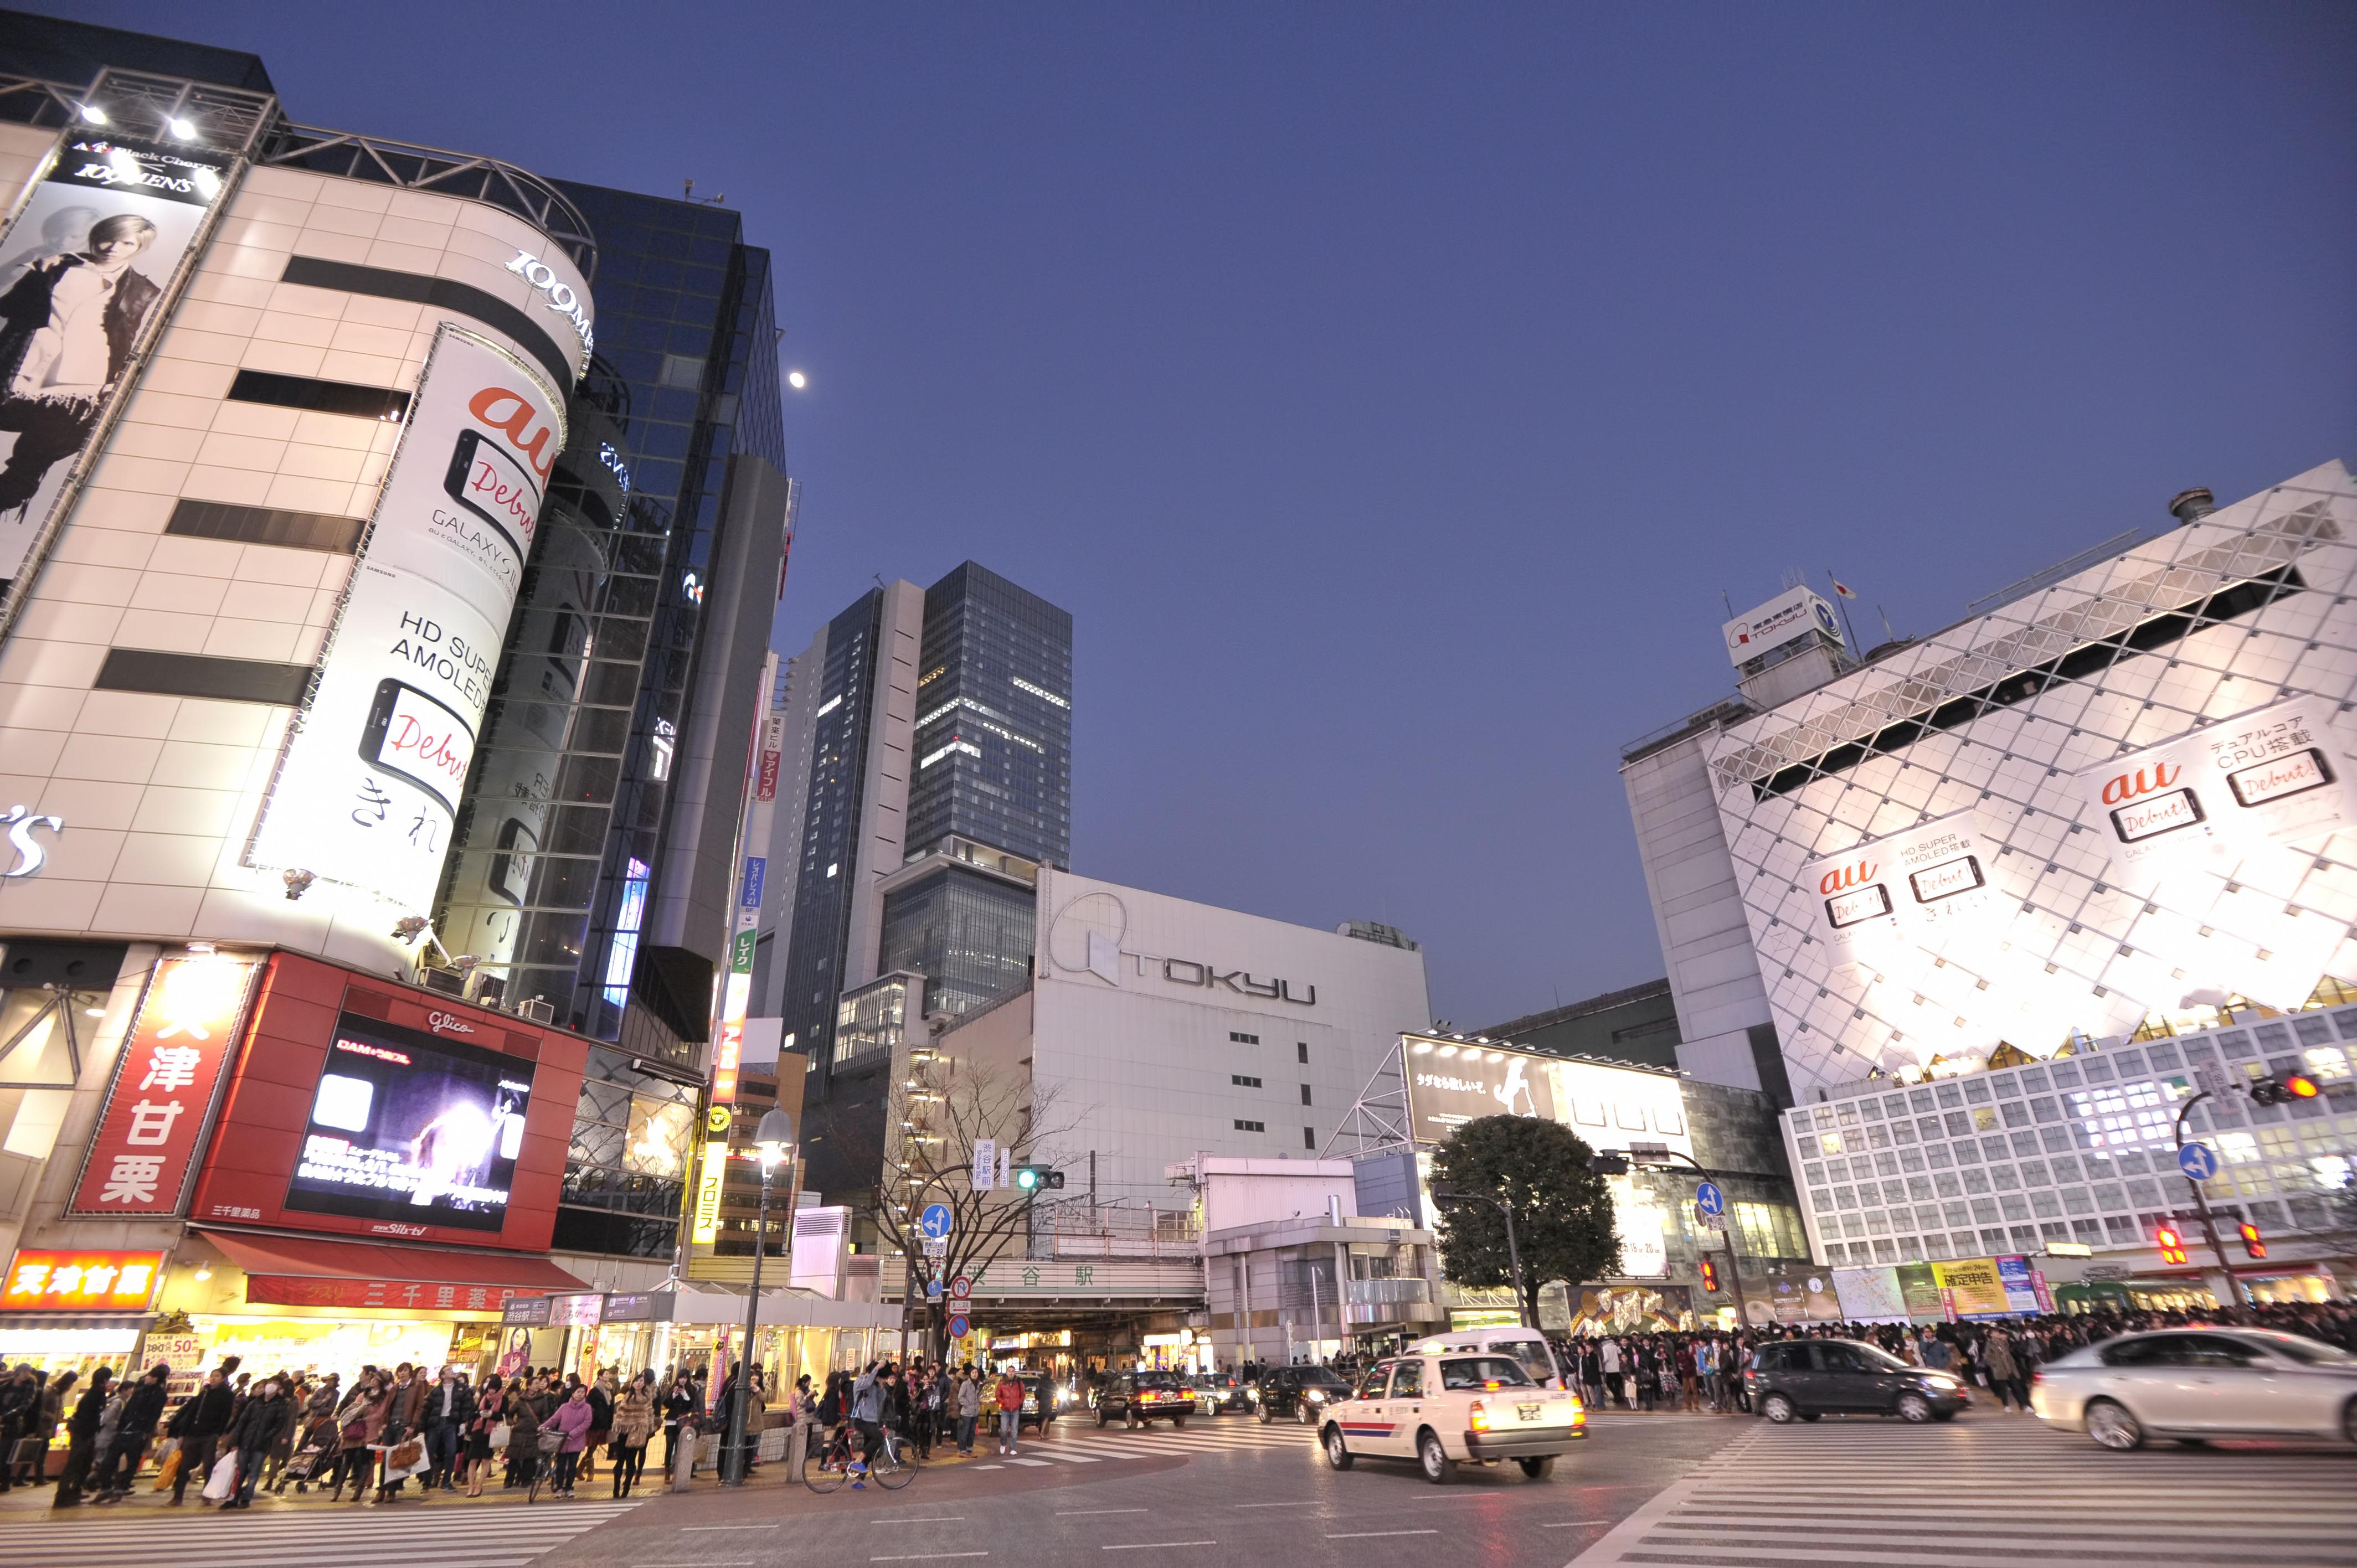 渋谷交差点【Z-01 渋谷駅】